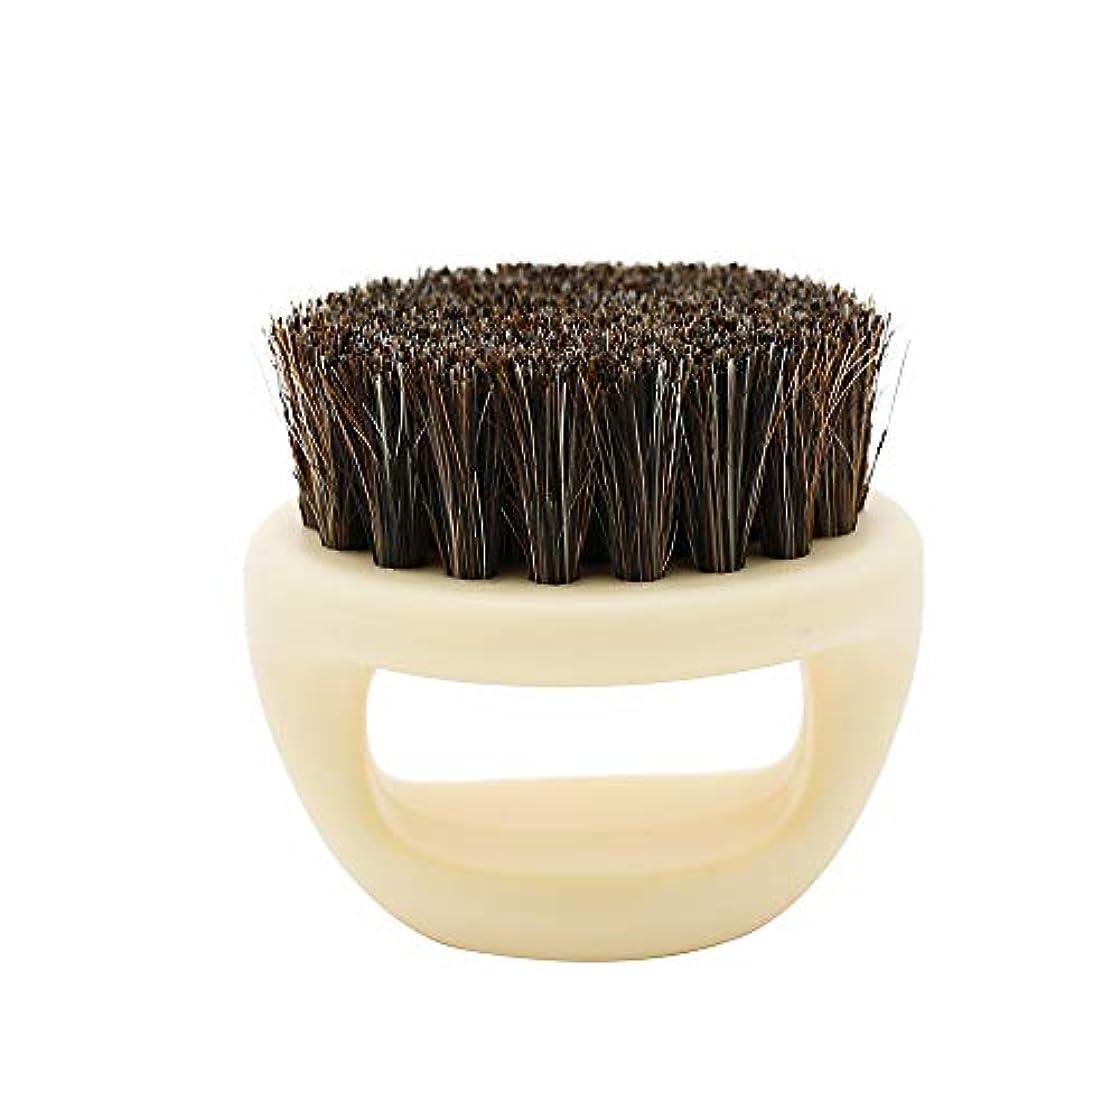 ねばねば複製する尊敬するGaoominy 1個リングデザイン馬毛メンズシェービングブラシプラスチック製の可搬式理容ひげブラシサロンフェイスクリーニングかみそりブラシ(ホワイト)